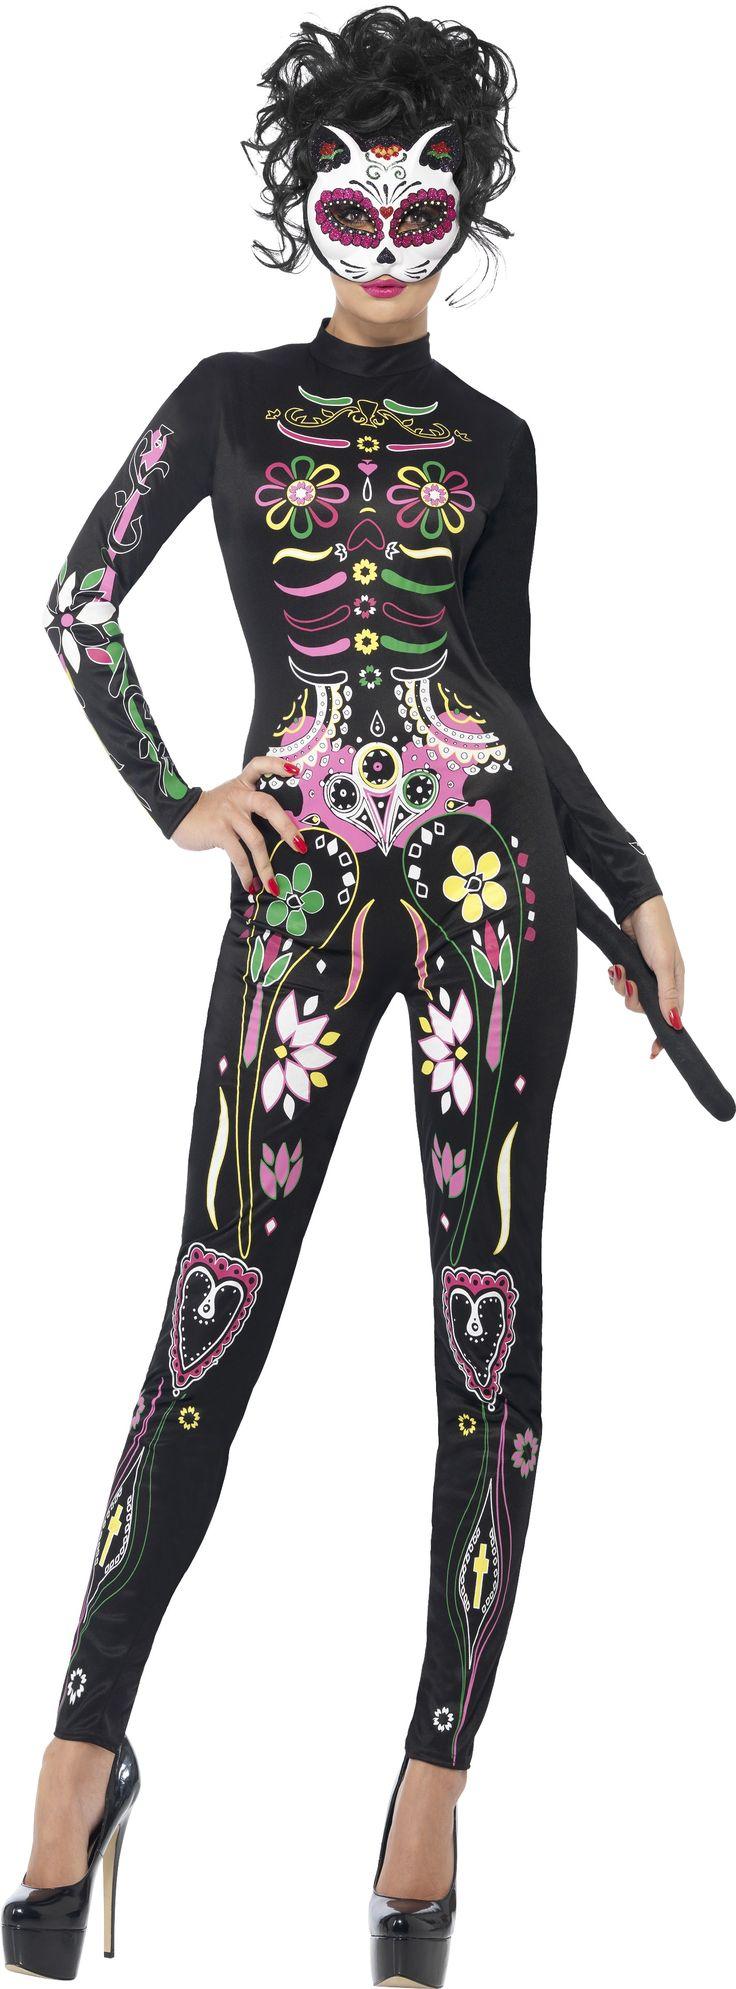 Smiffys Sugar Skull Cat Costume